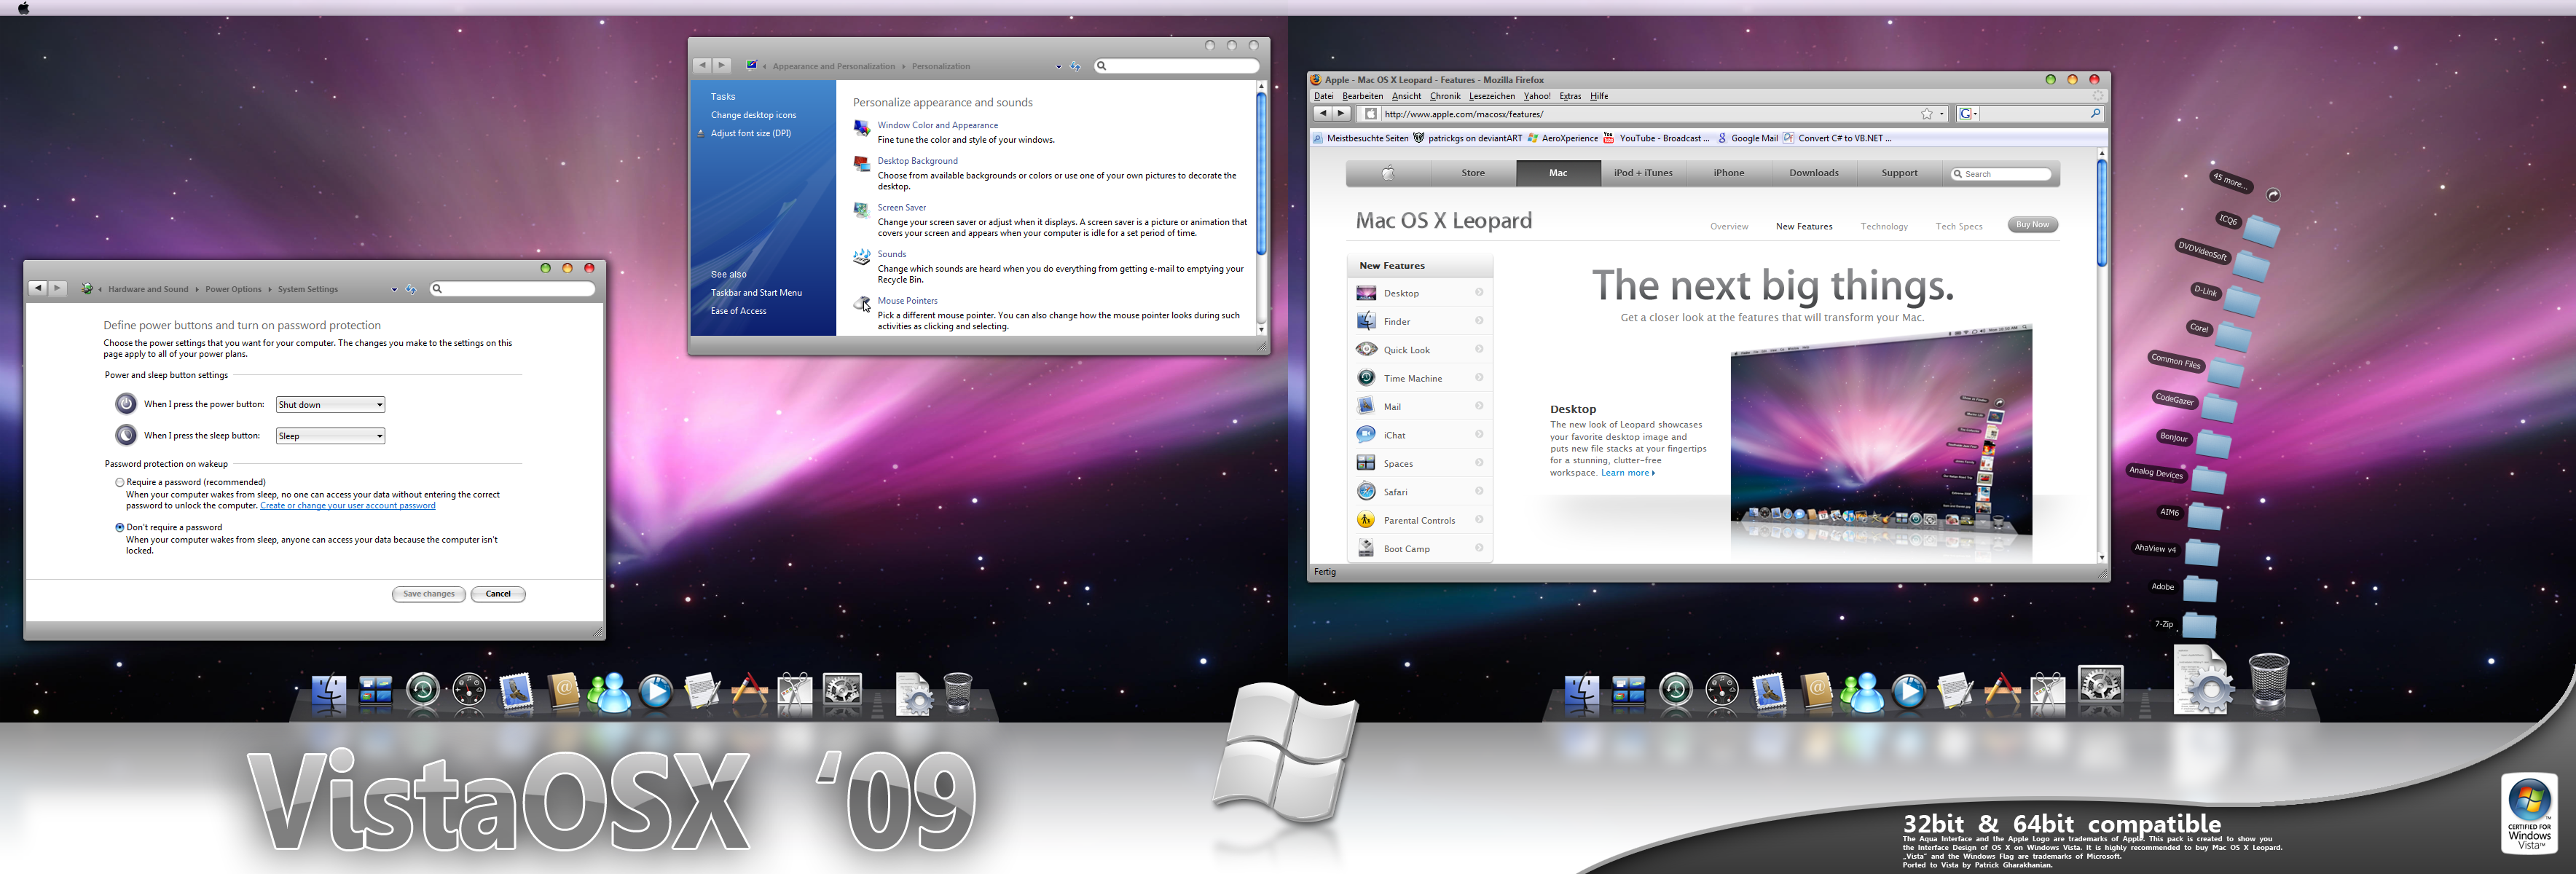 Vista OS X '09 VS by patrickgs